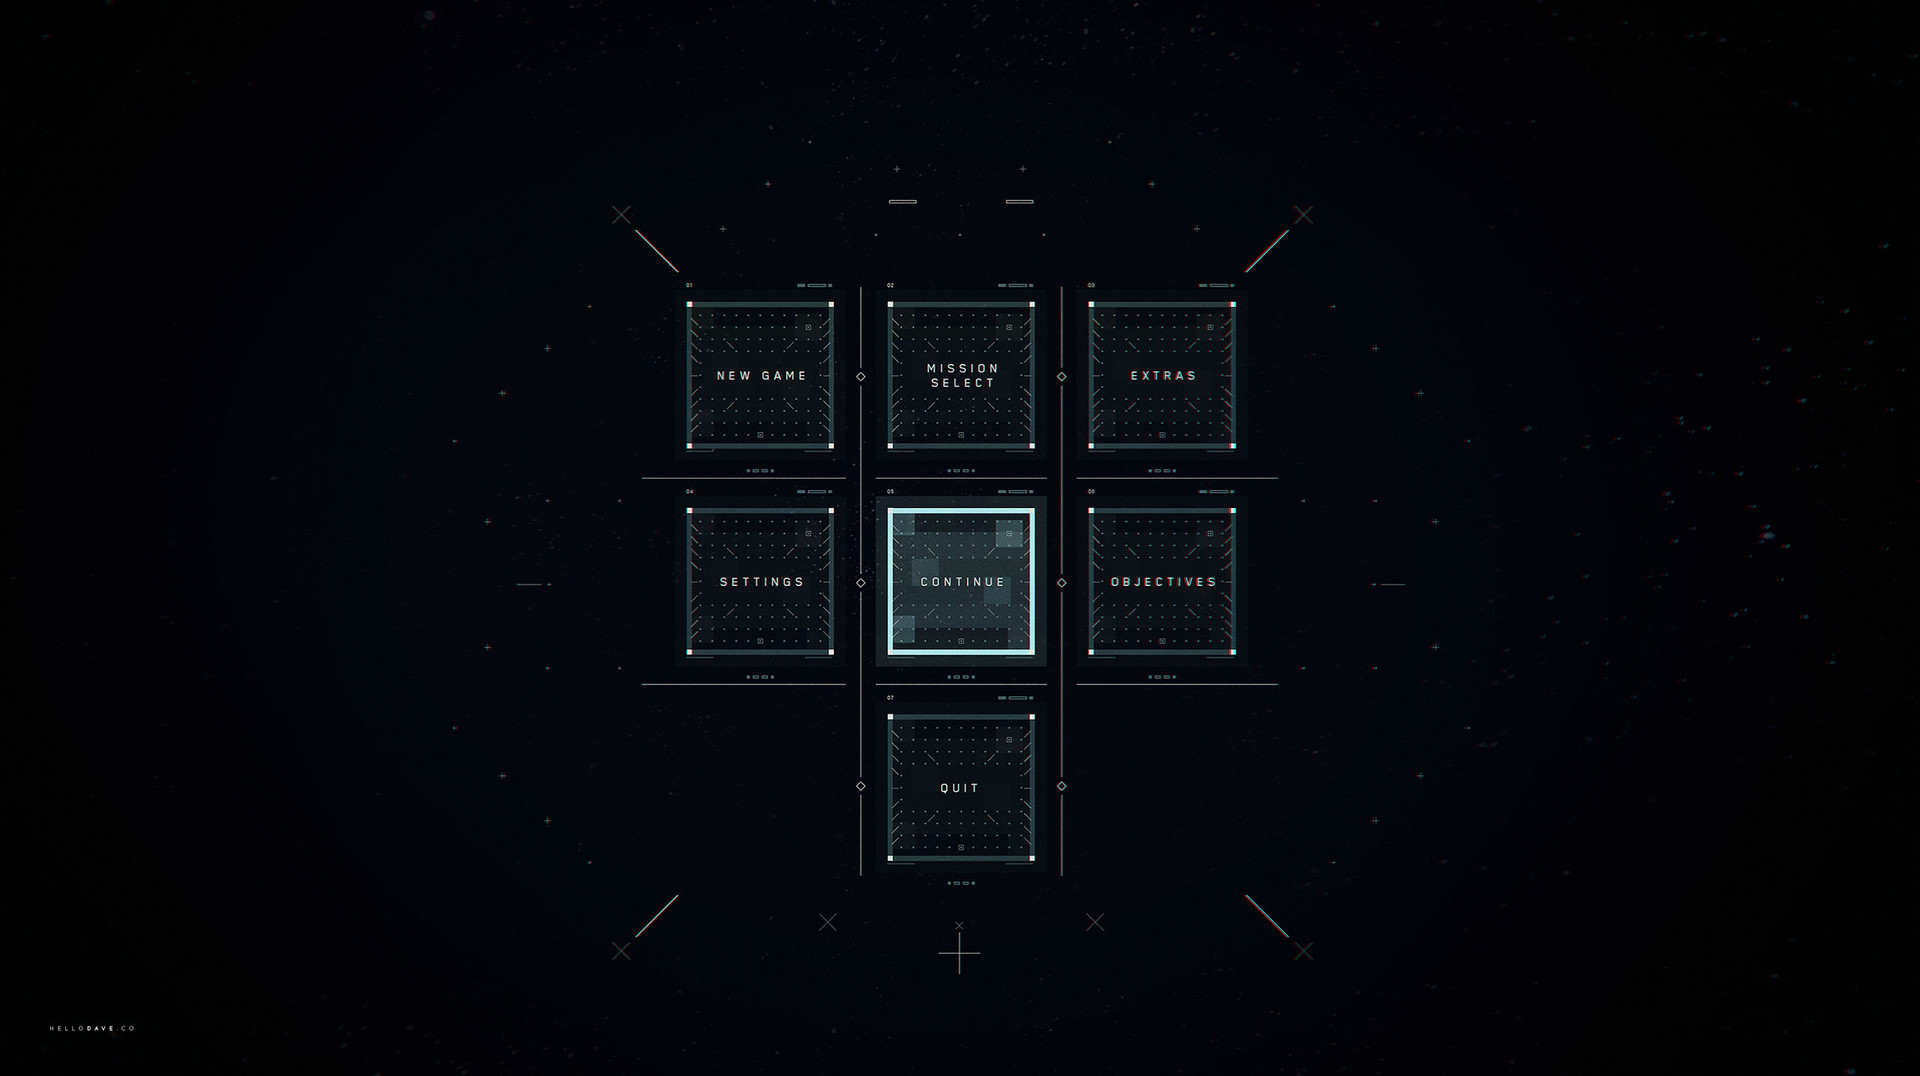 02_davison-carvalho-key-art-iteration-07-2560px